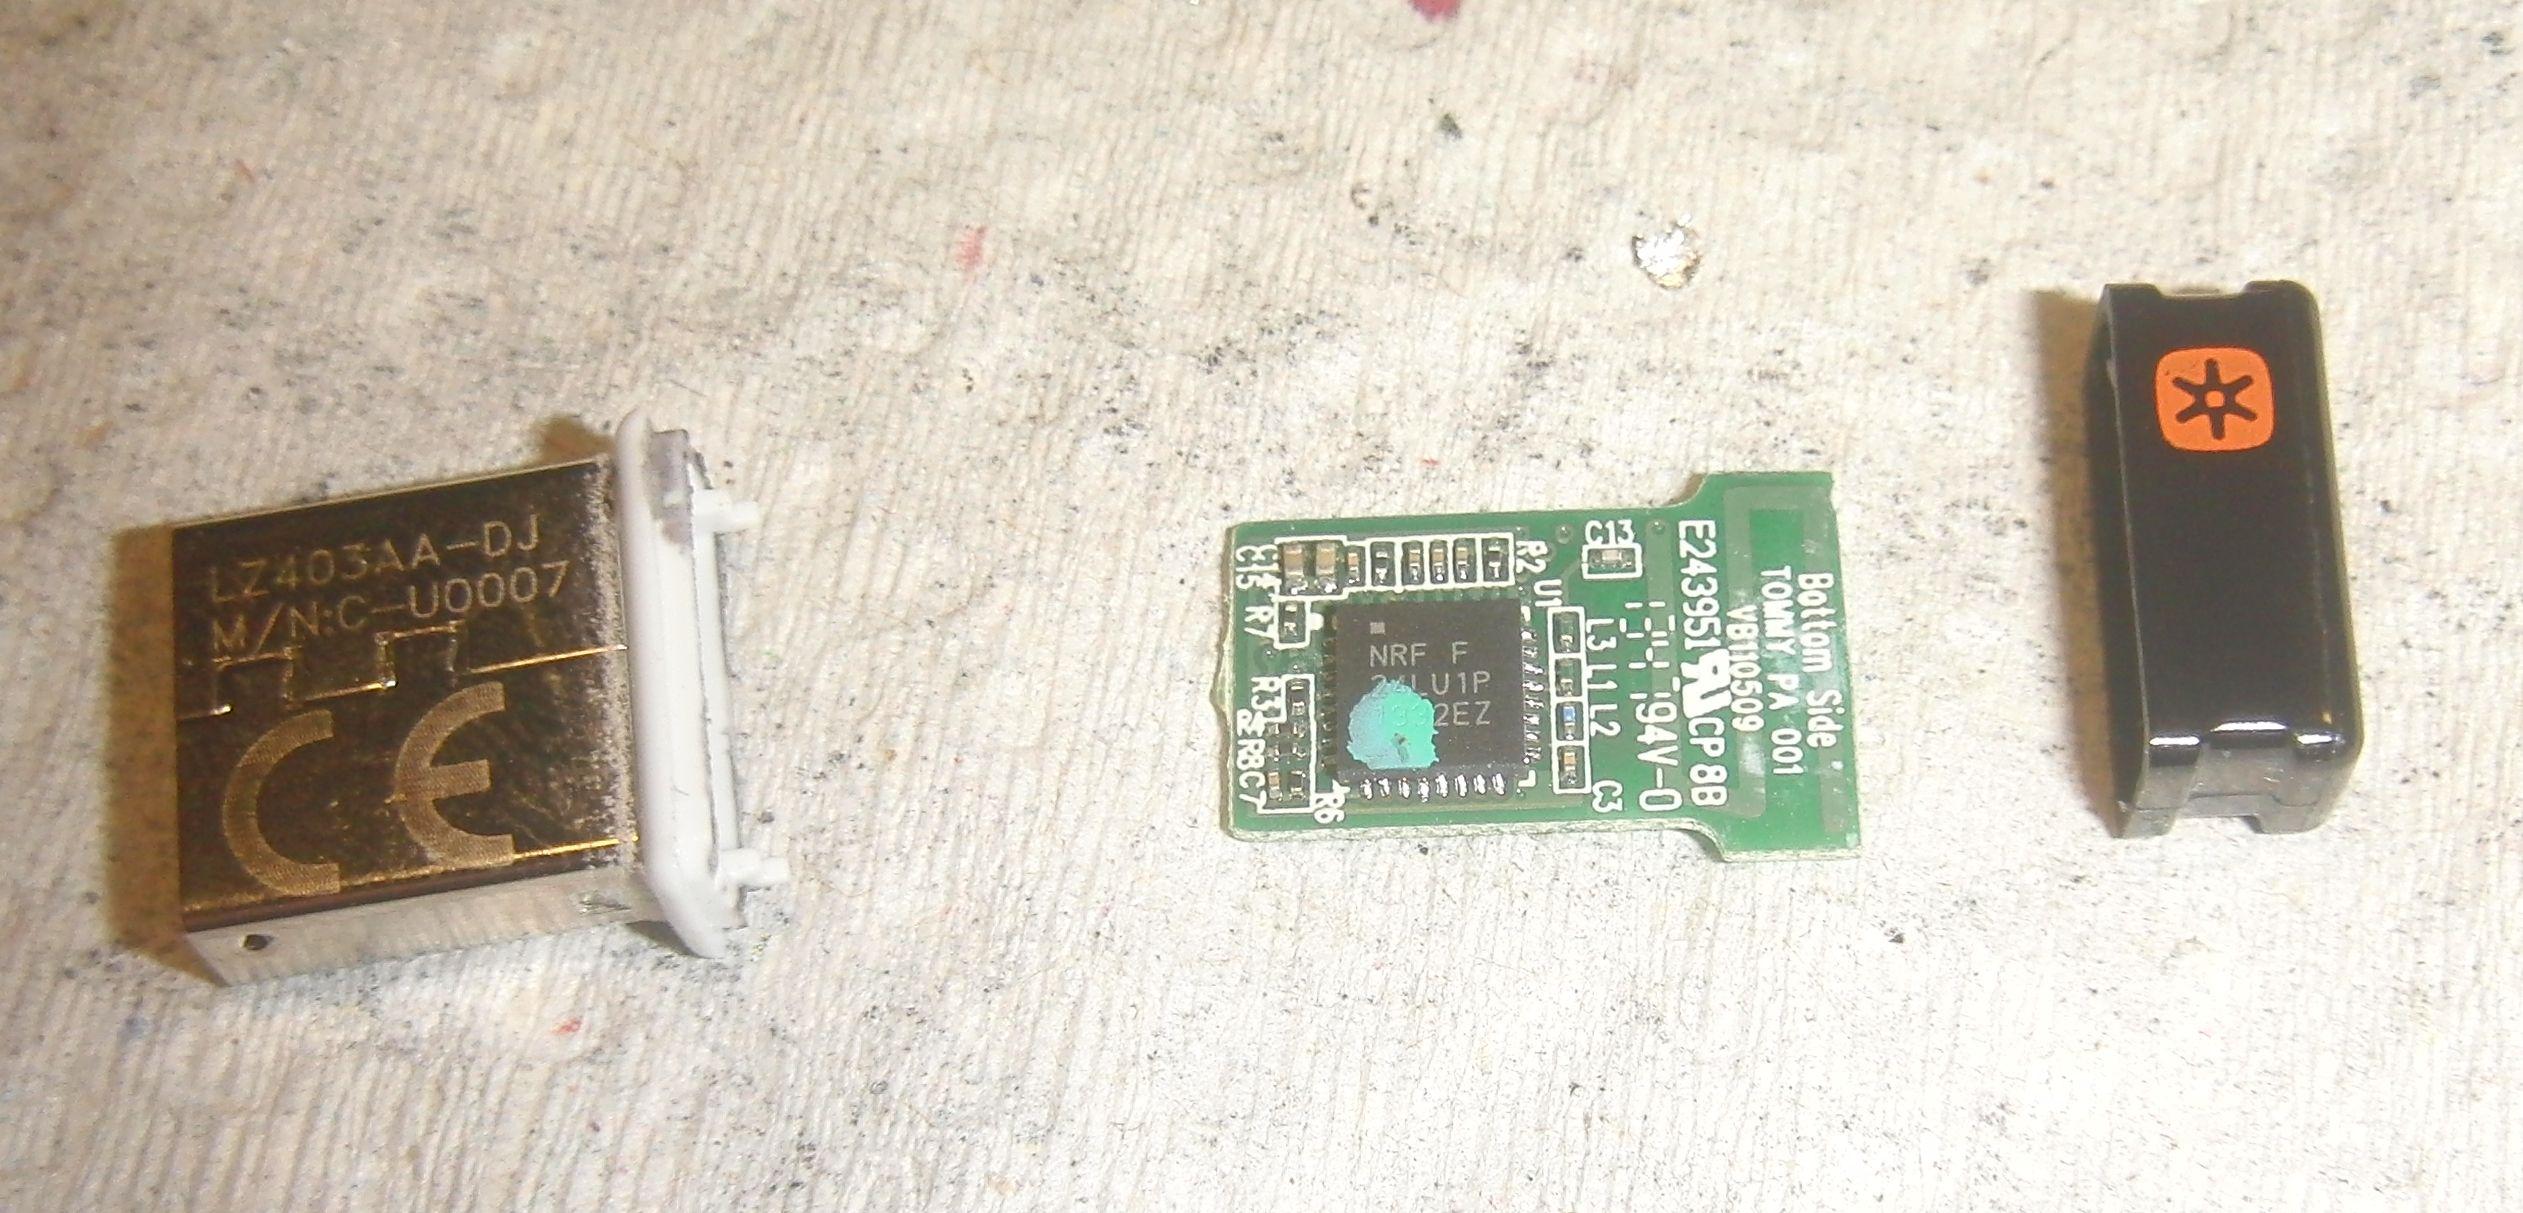 Logitech приемник - плата со стороны трансивера и антенны